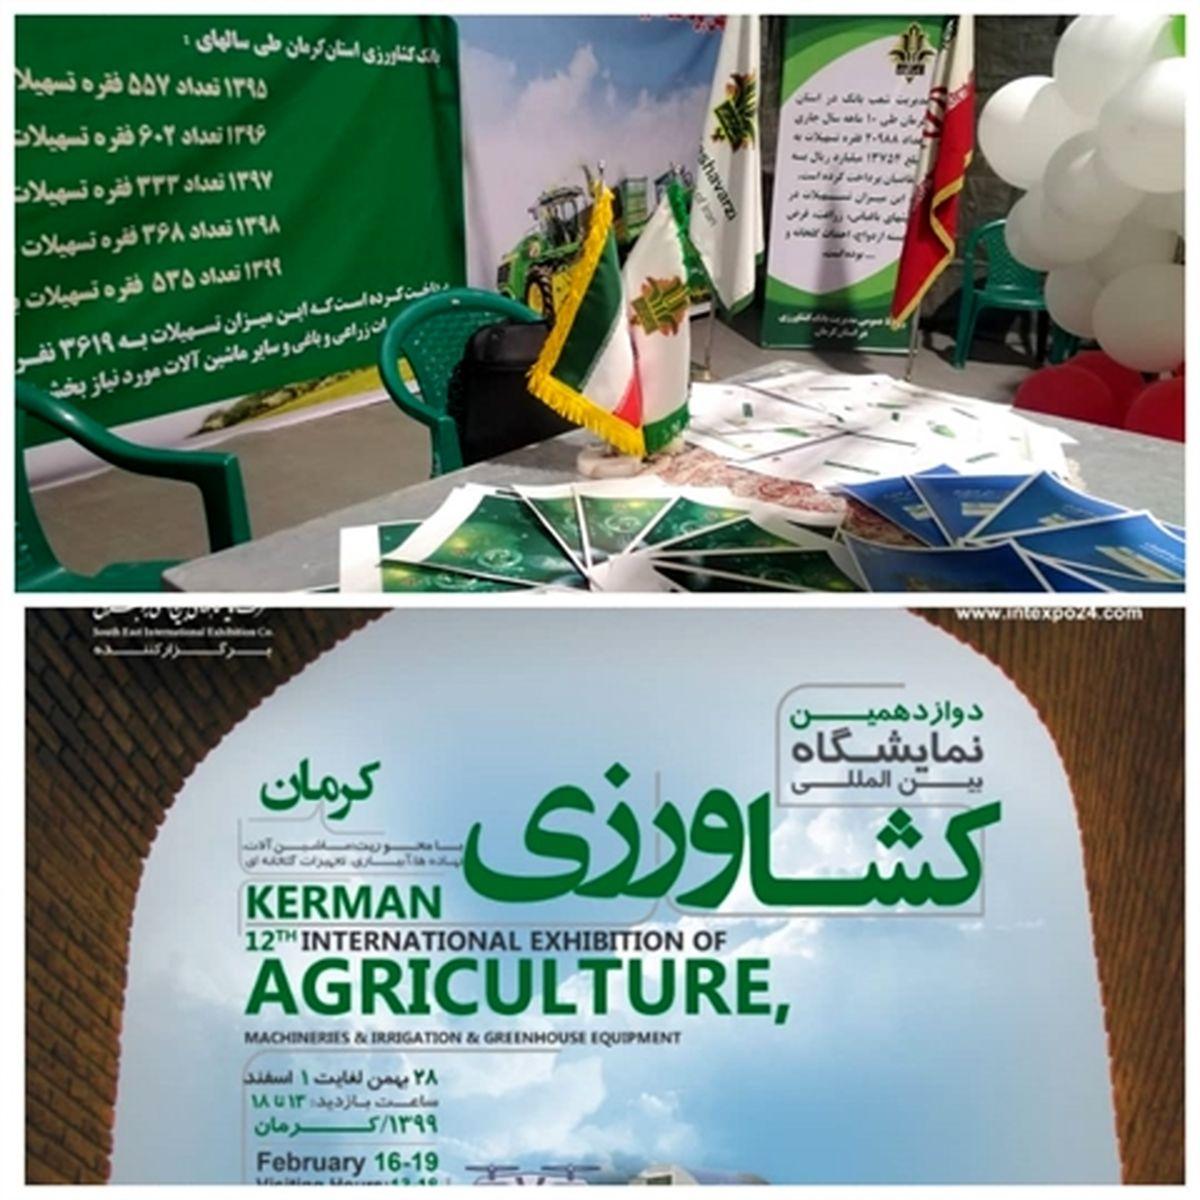 حضور بانک کشاورزی دردوازدهمین نمایشگاه بین المللی کشاورزی